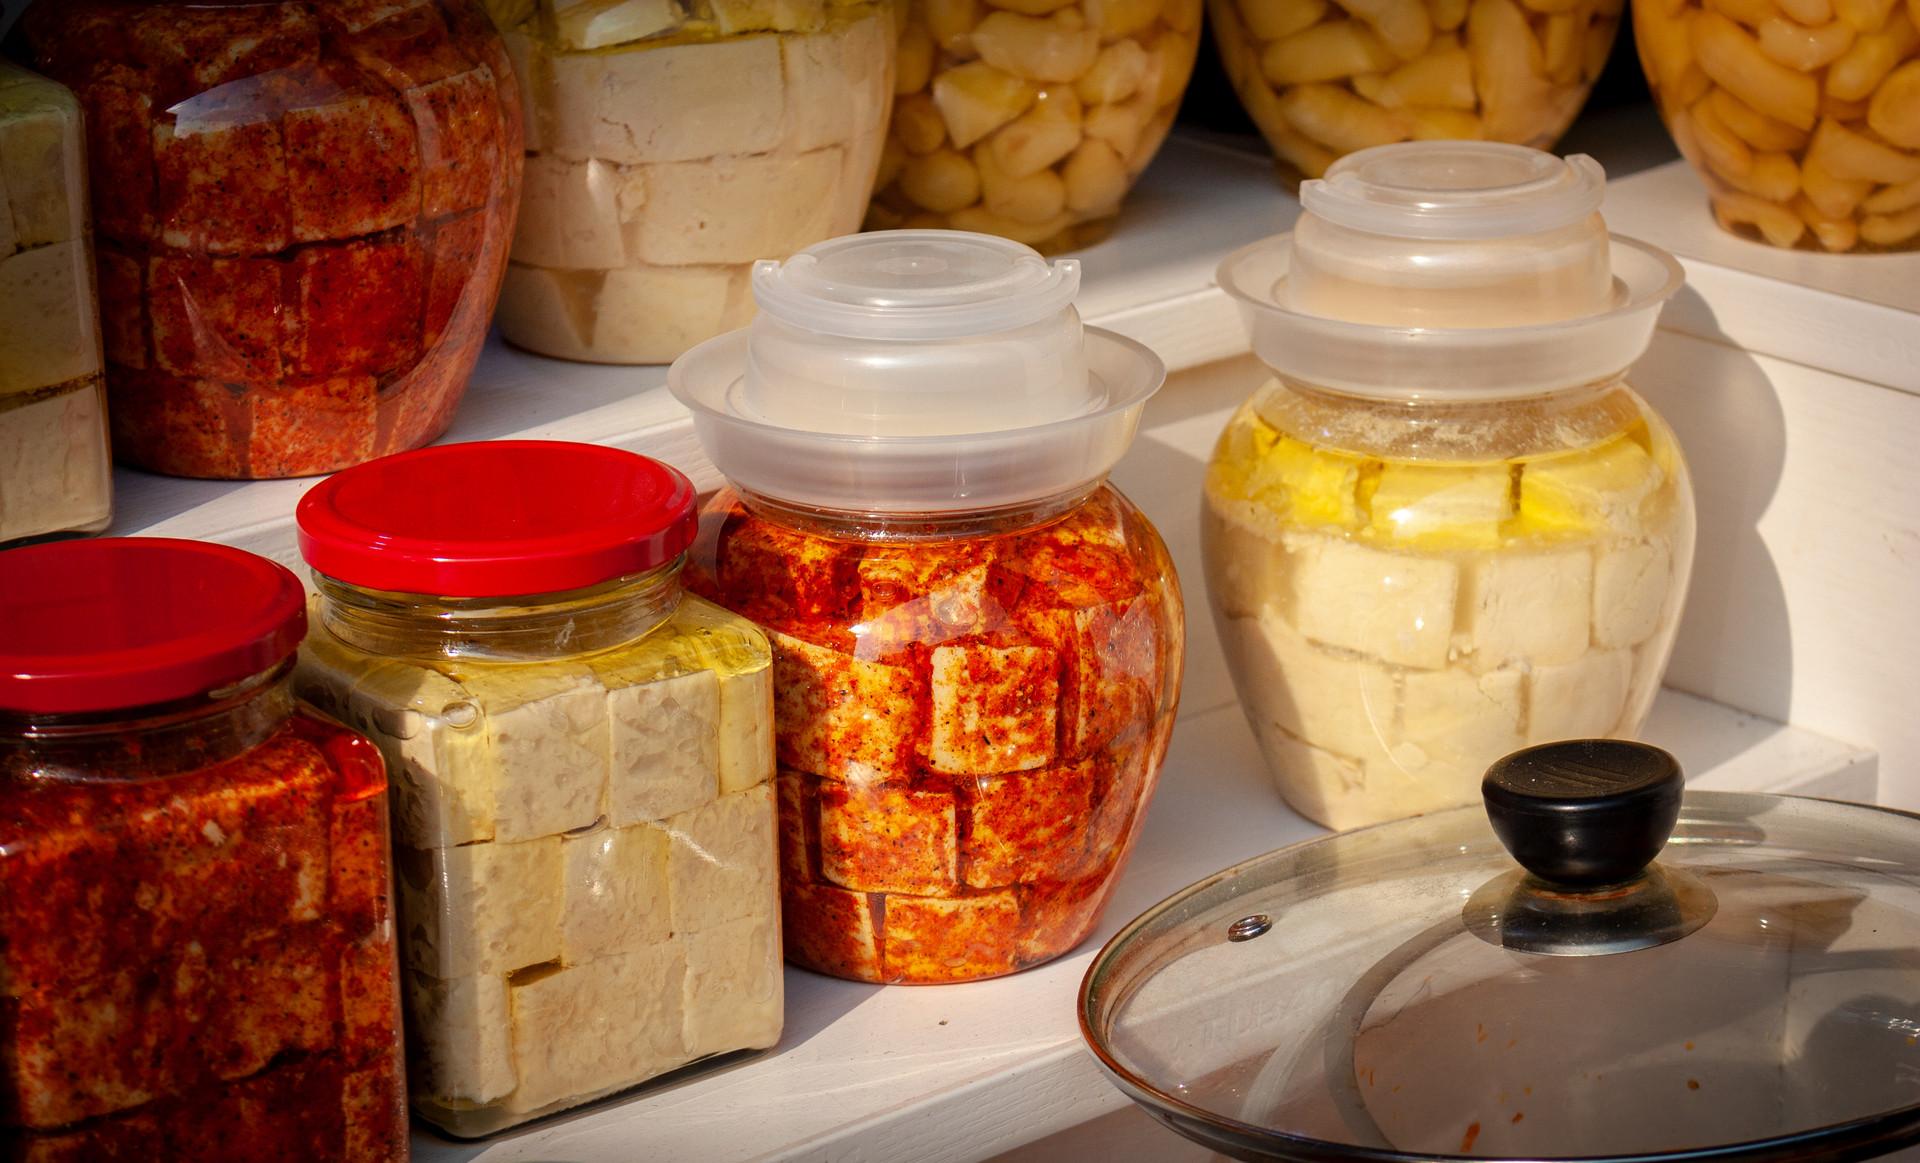 生活中常见的发酵食品和发酵食品的好处